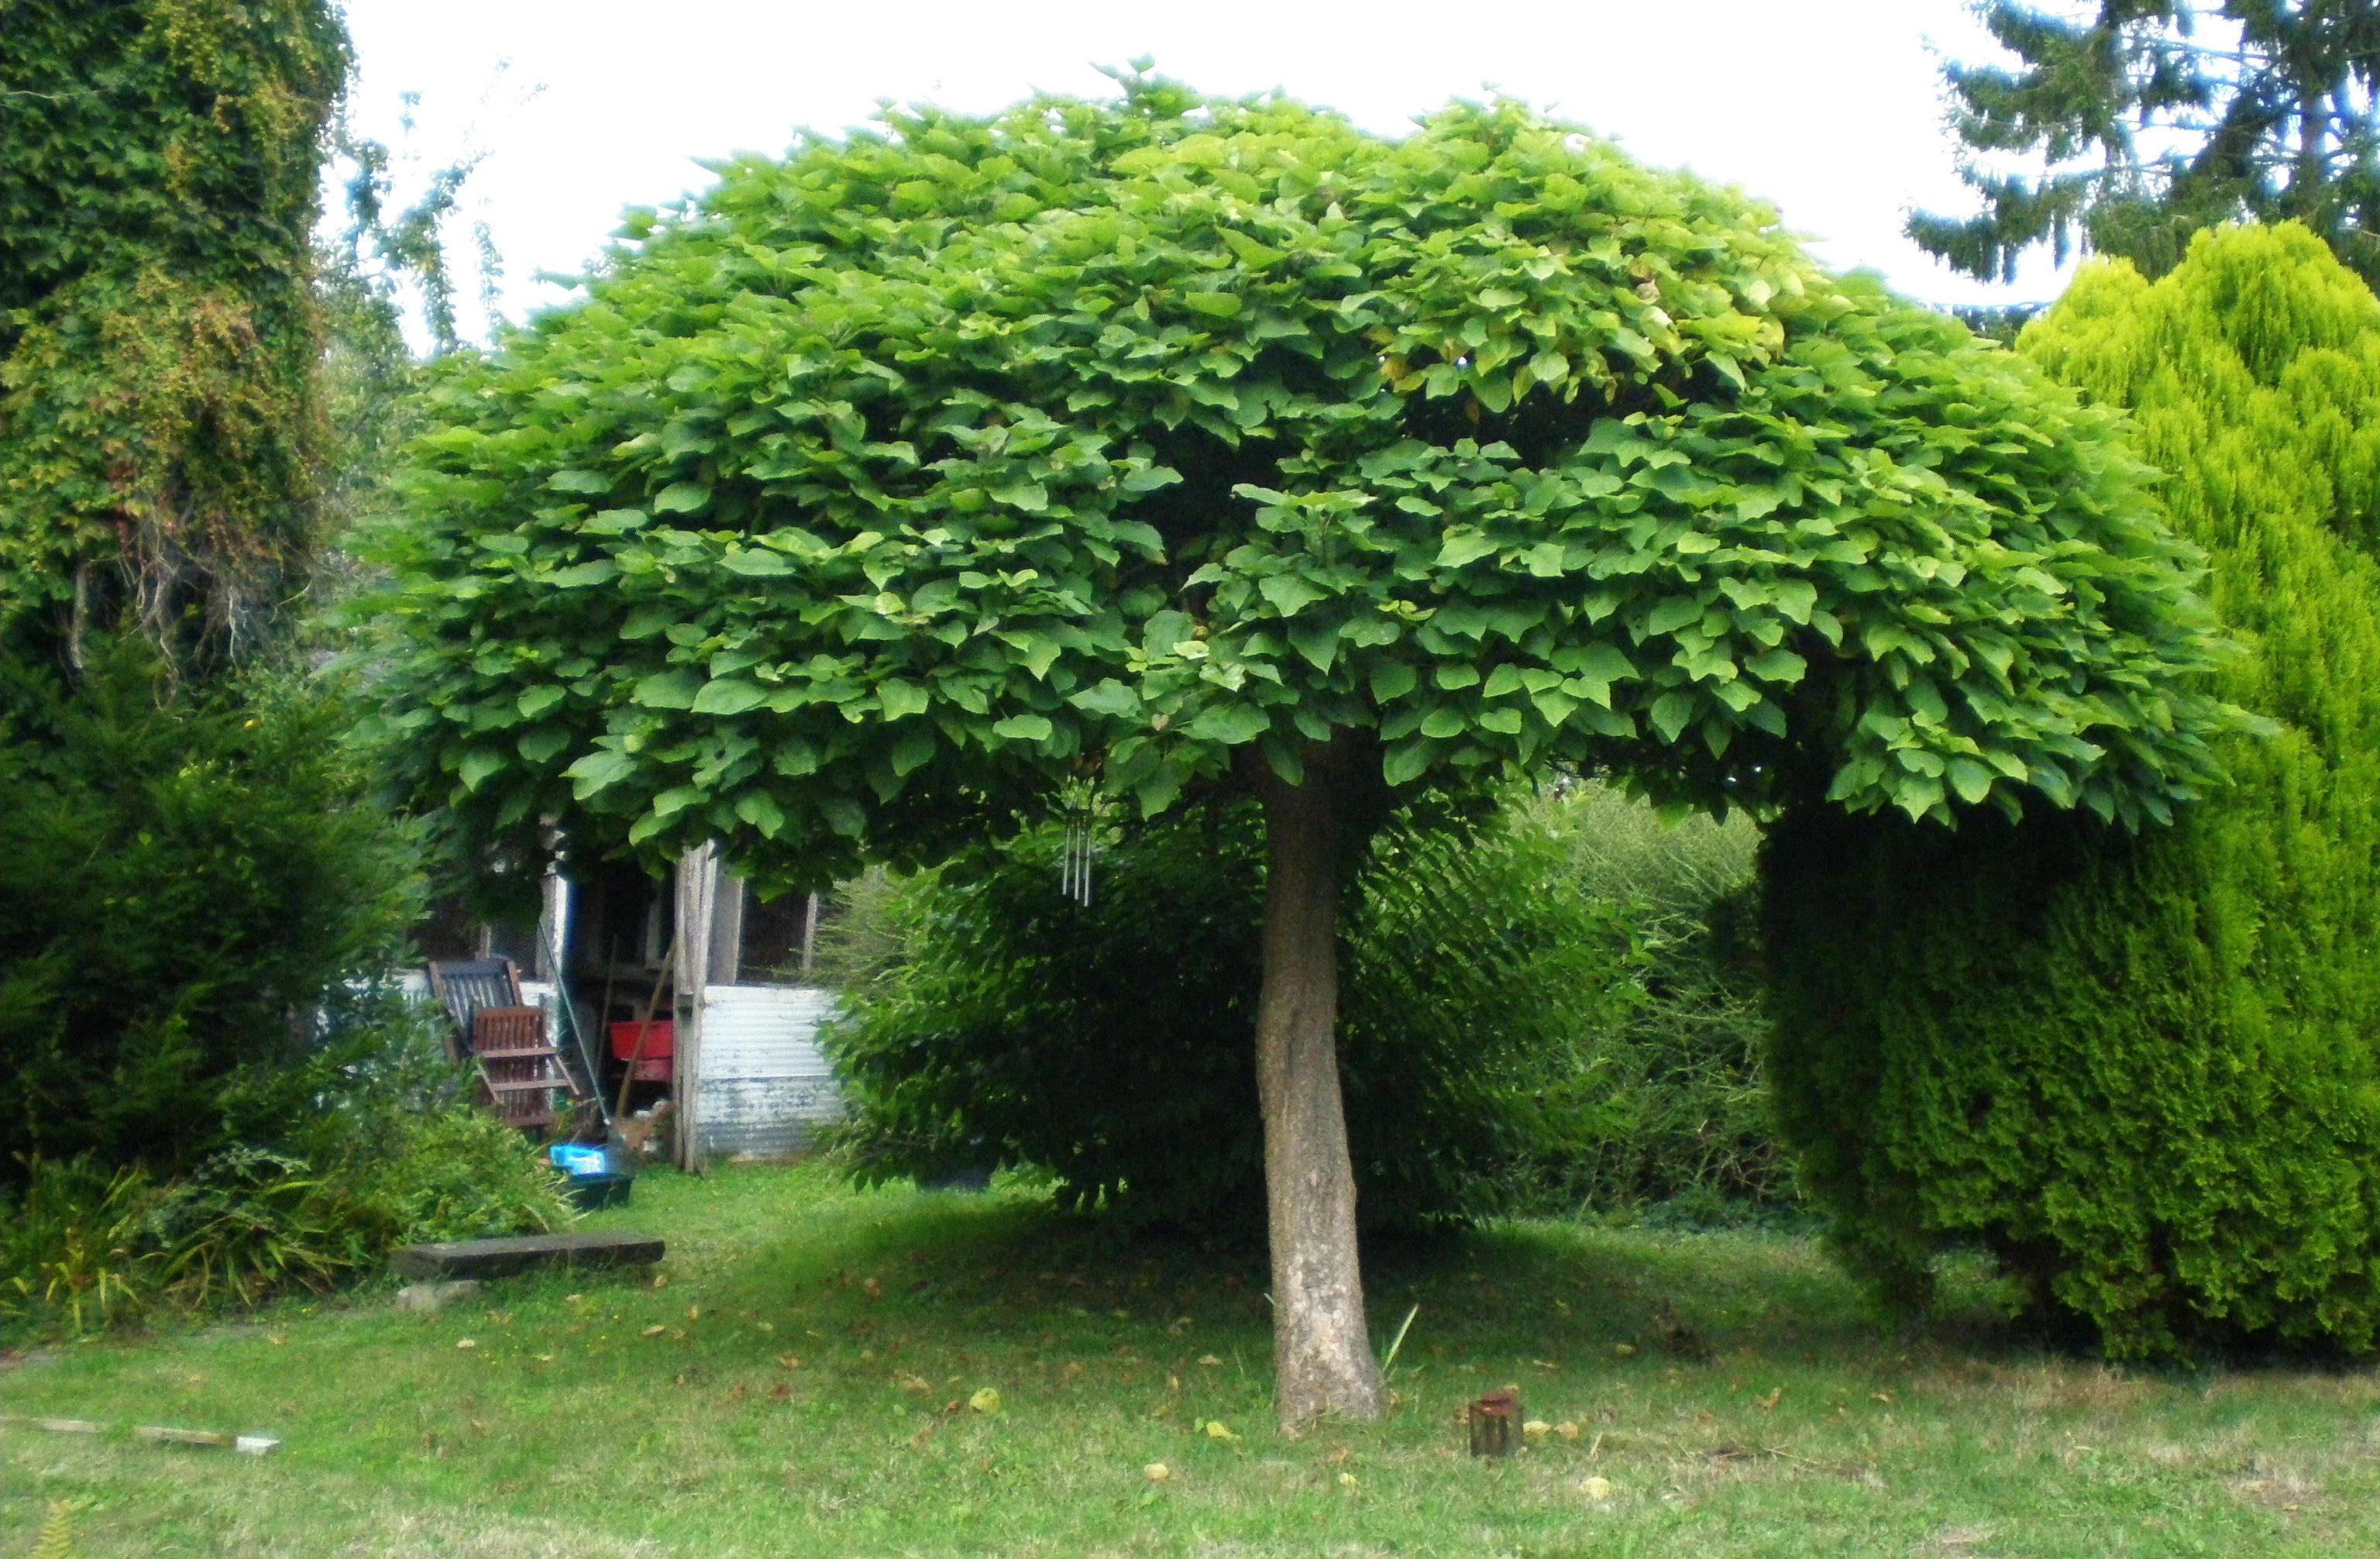 Самые красивые деревья для сада. обзор лучших садовых деревьев. информационный строительный сайт |